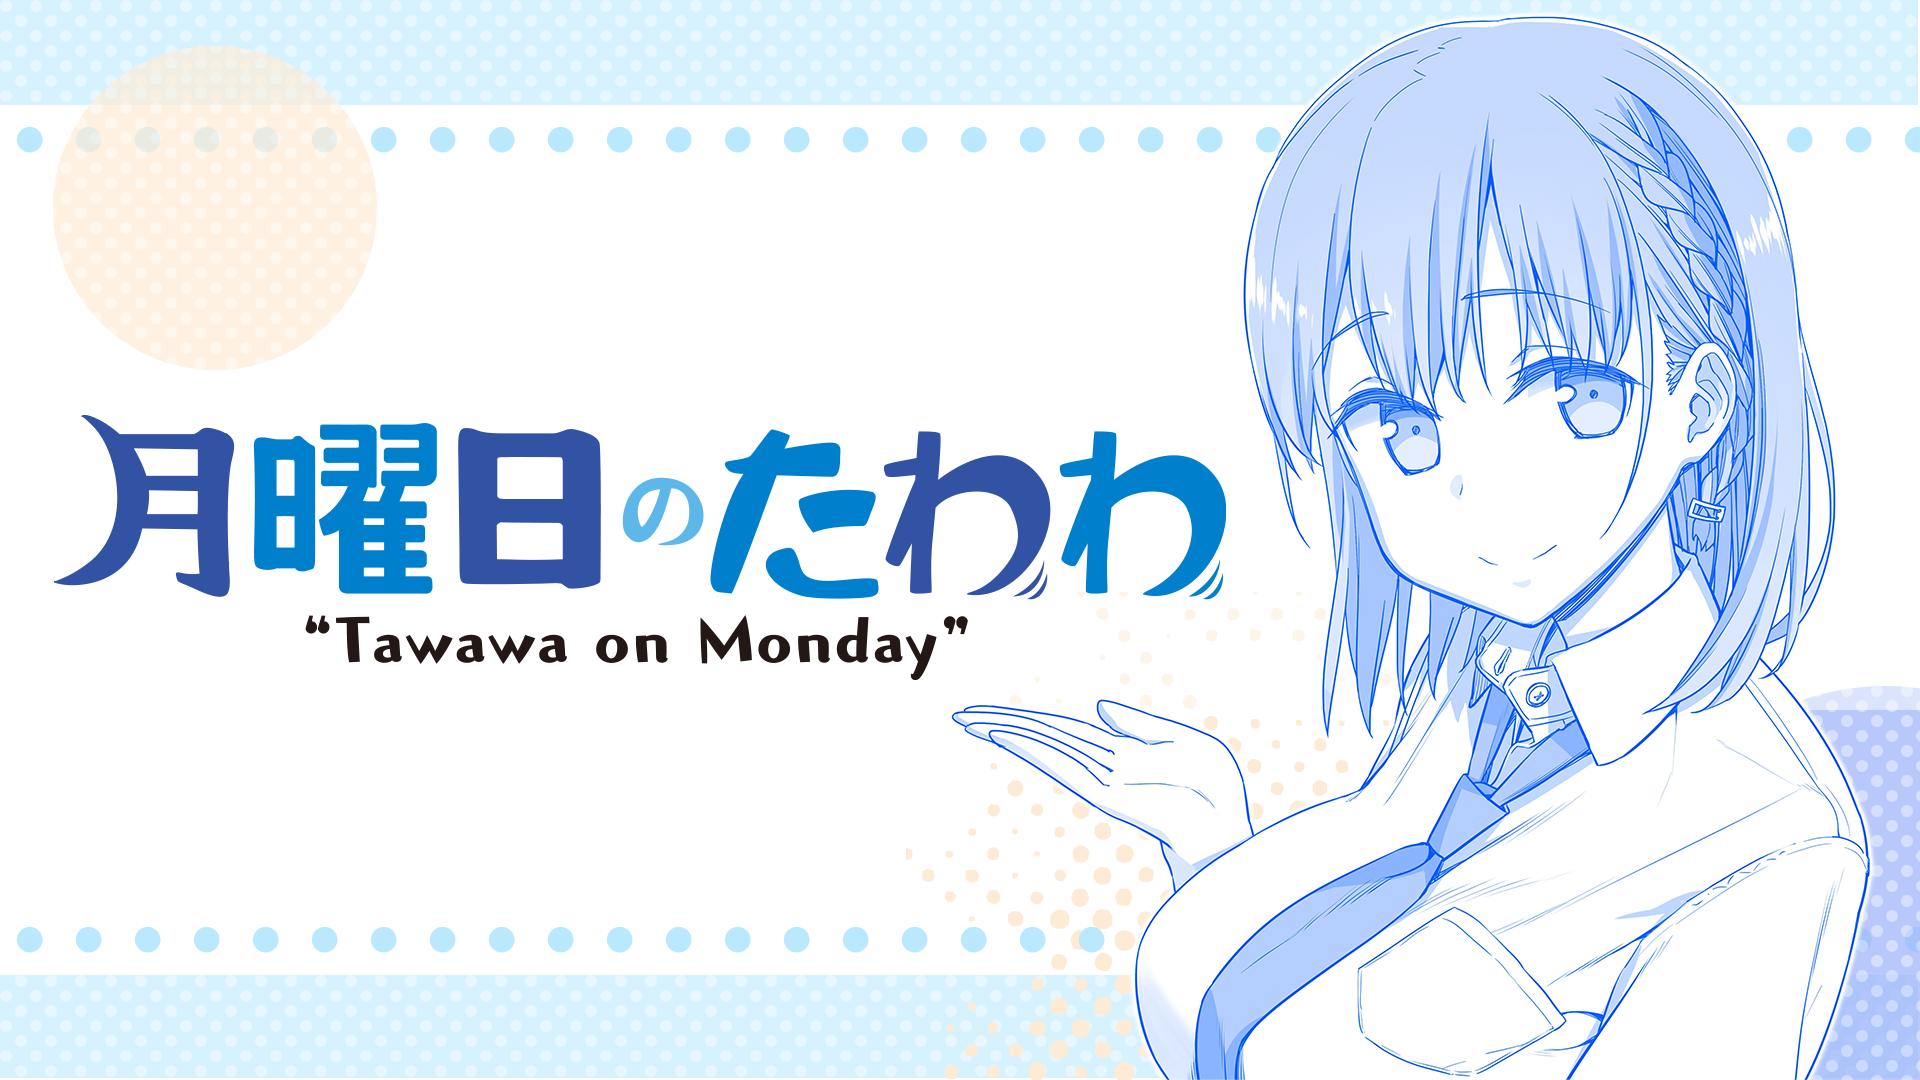 月曜日のたわわ(dアニメストア)